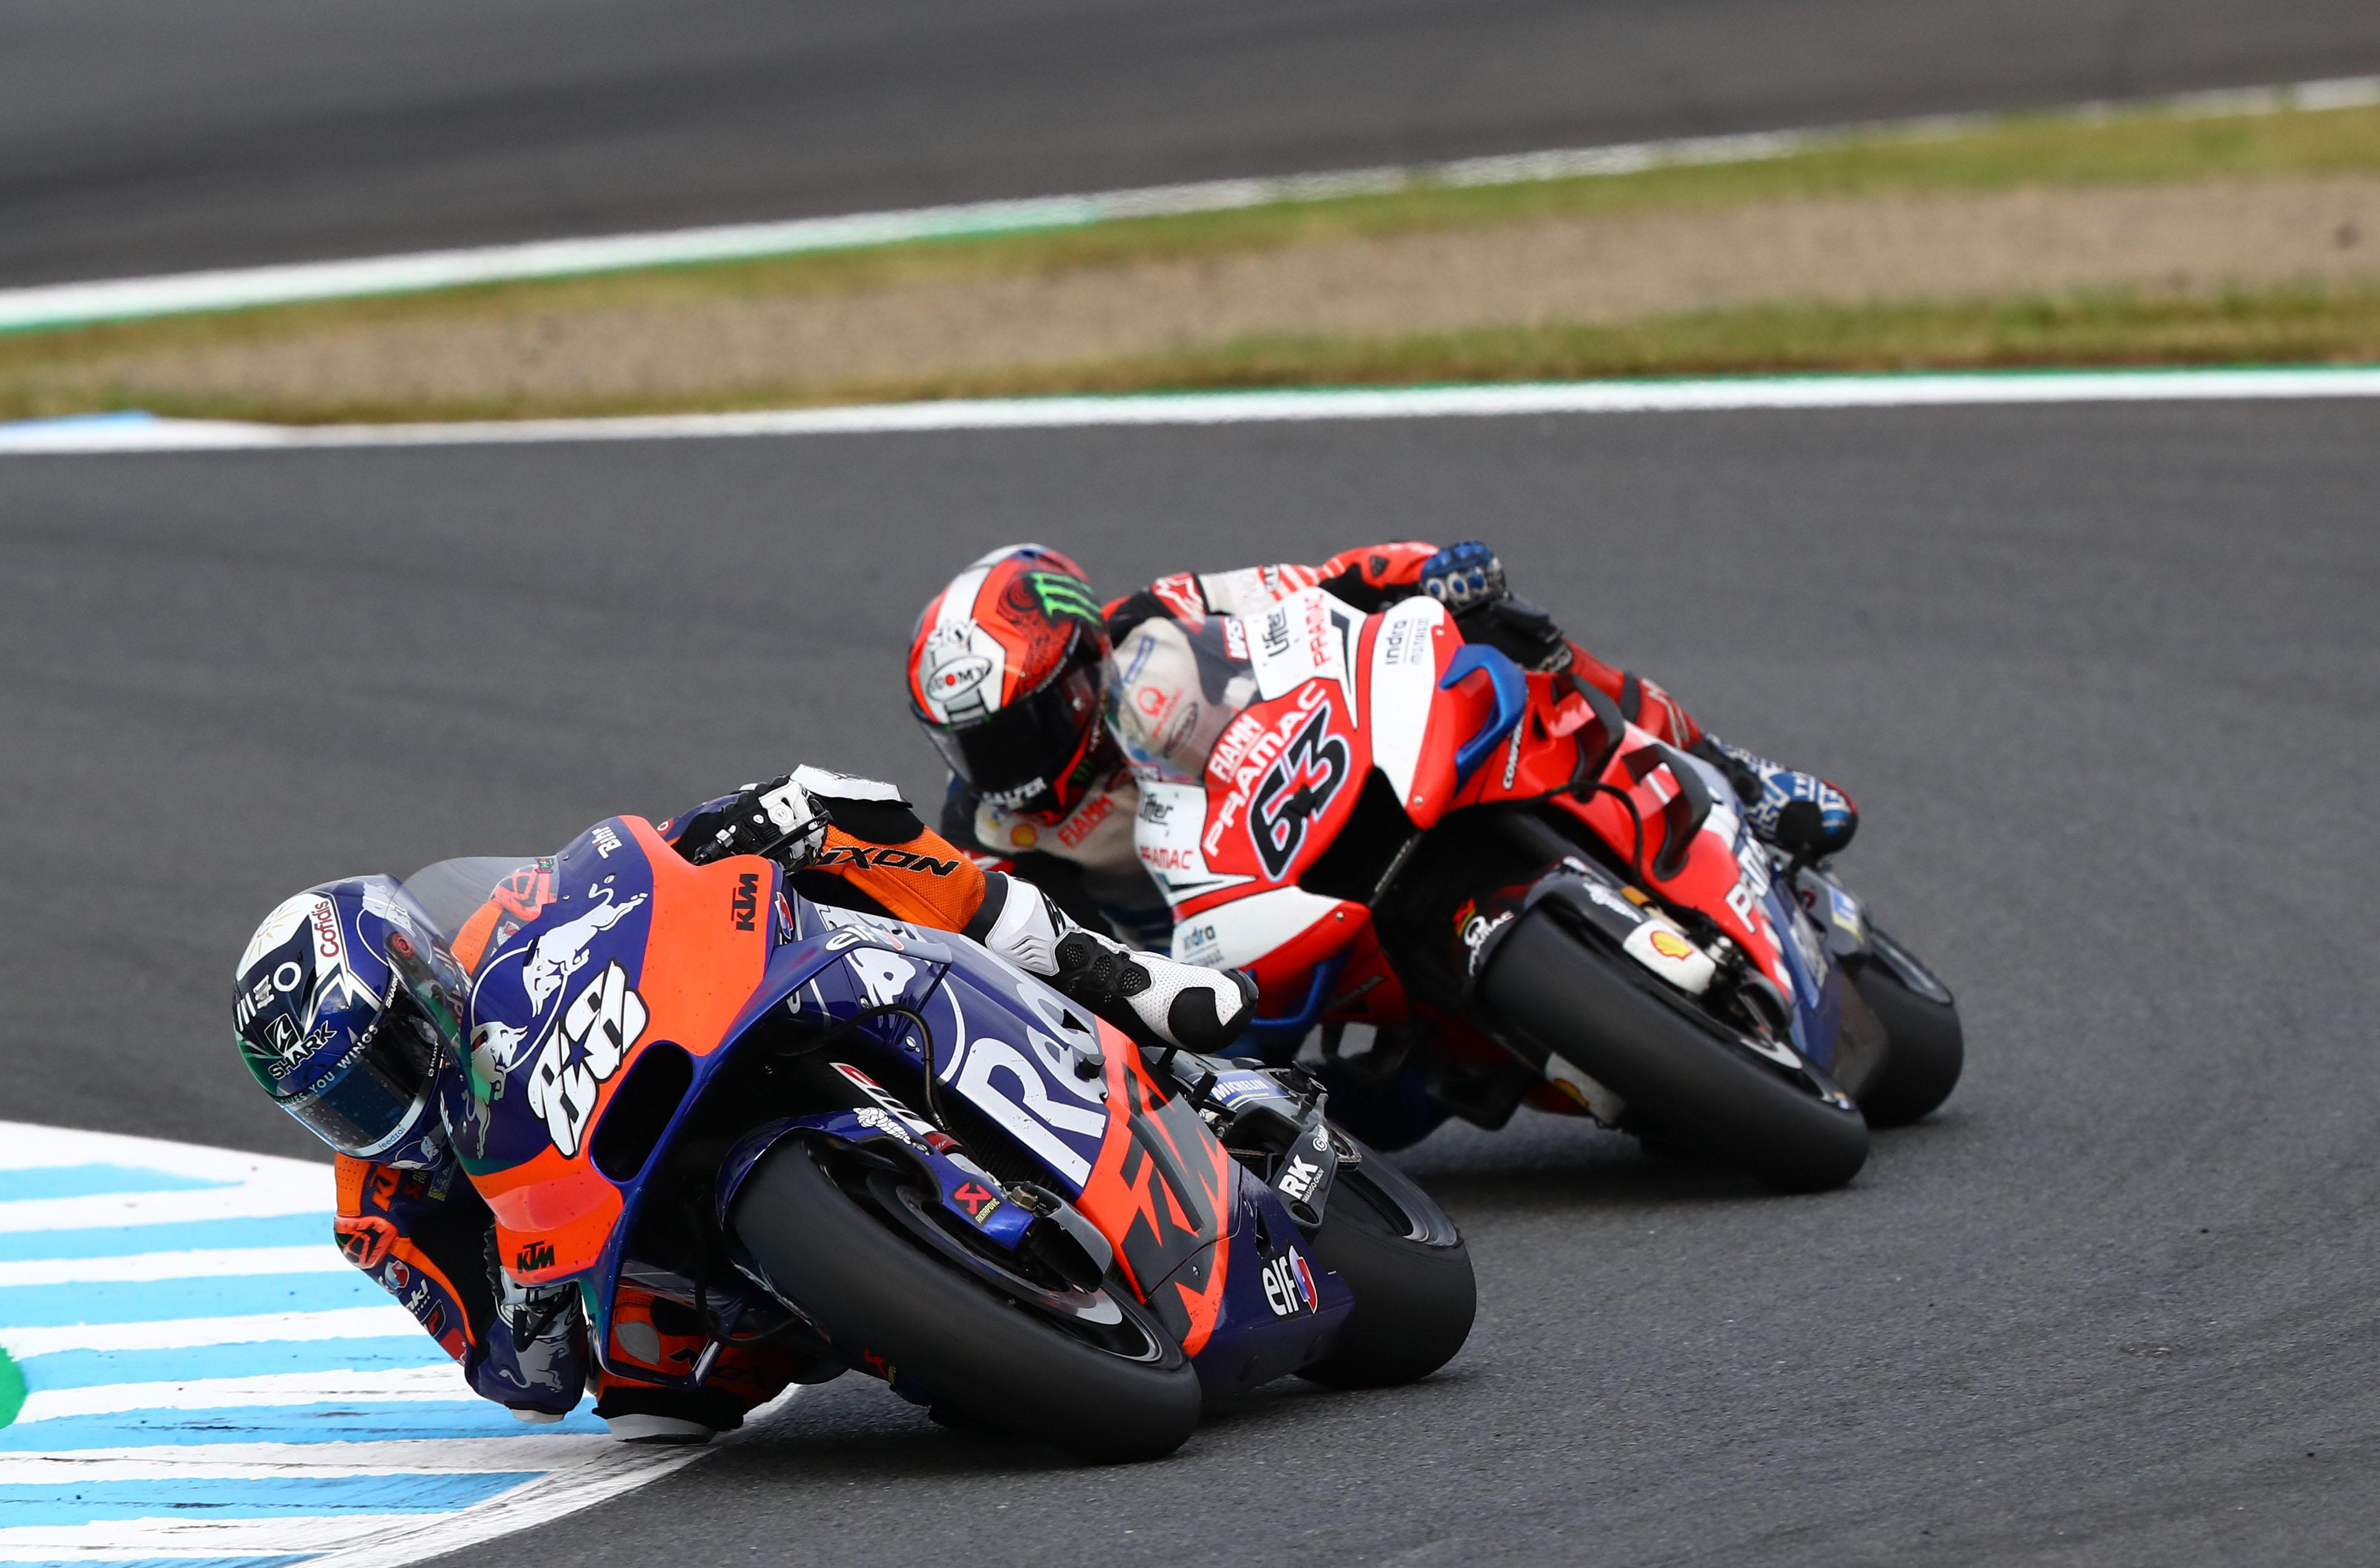 MotoGP, Motegi: Oliveira sobe no Campeonato com 12º no Japão